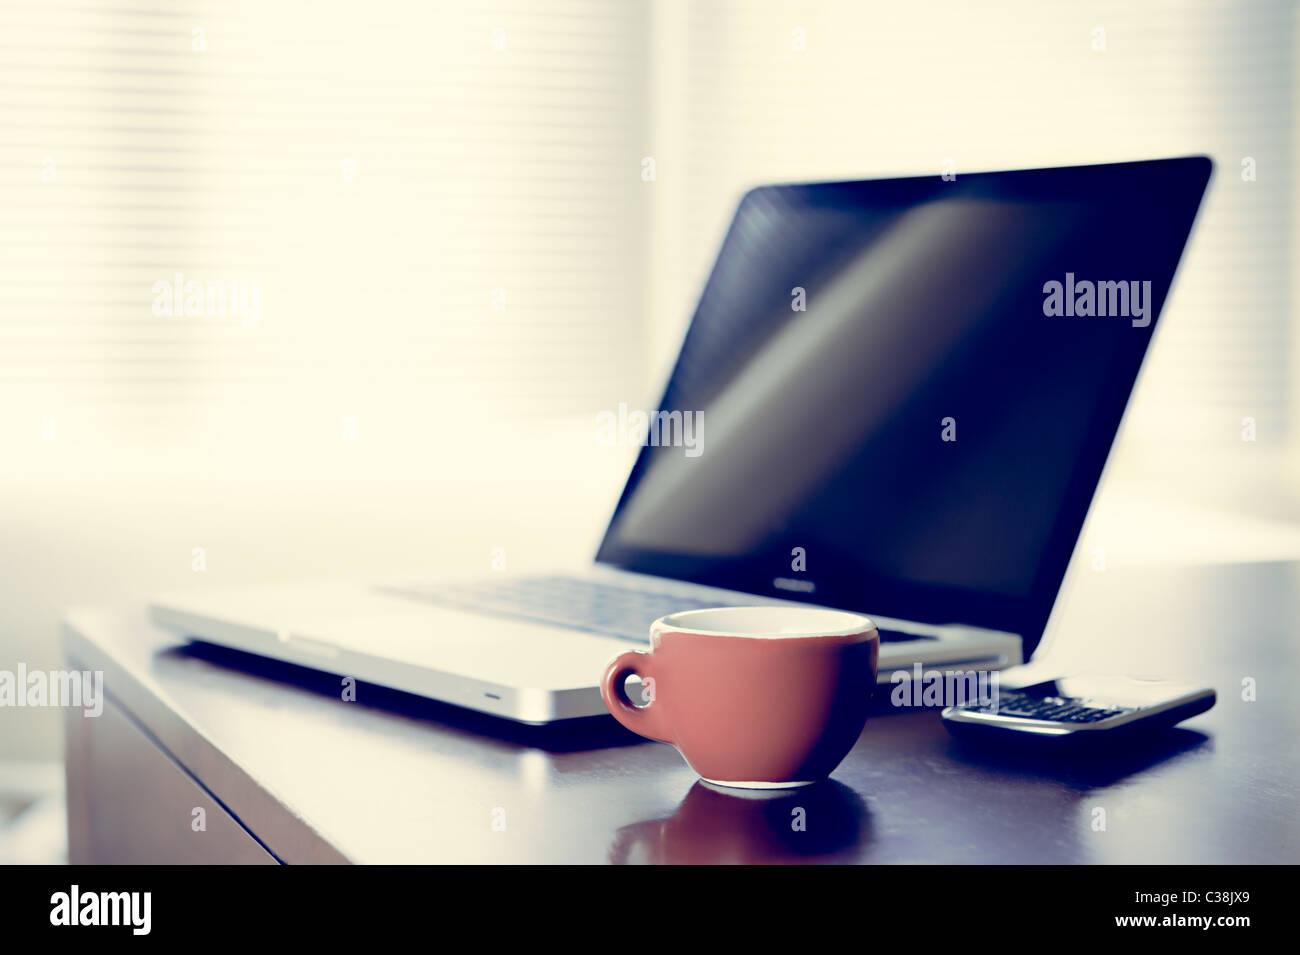 Pausa caffè concetto, l'immagine mostra un computer portatile, telefono cellulare e una tazza di caffè Immagini Stock